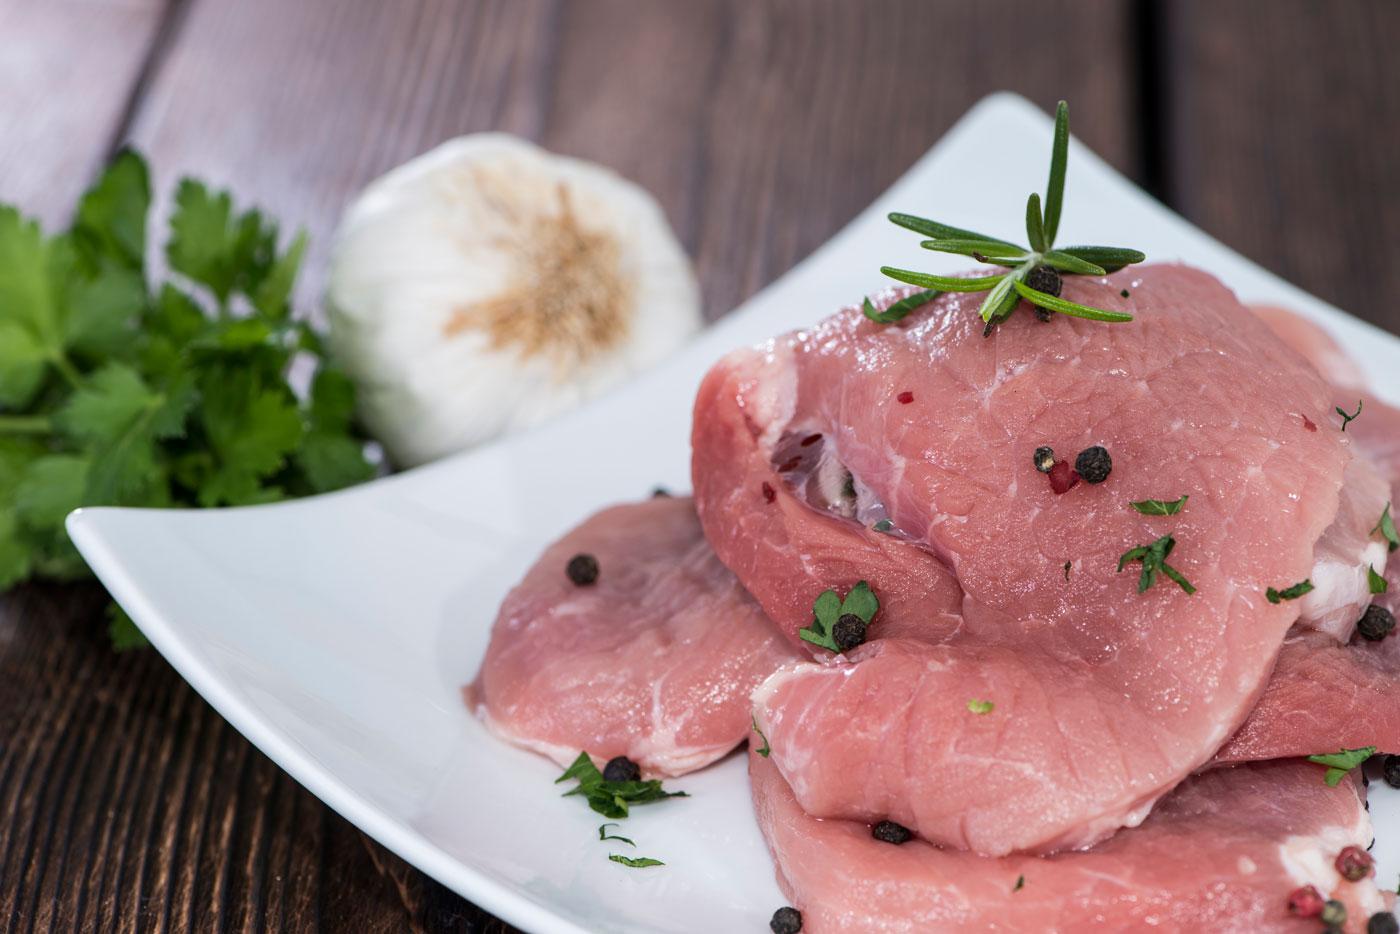 schnitzel van biologische scharrelvarkens